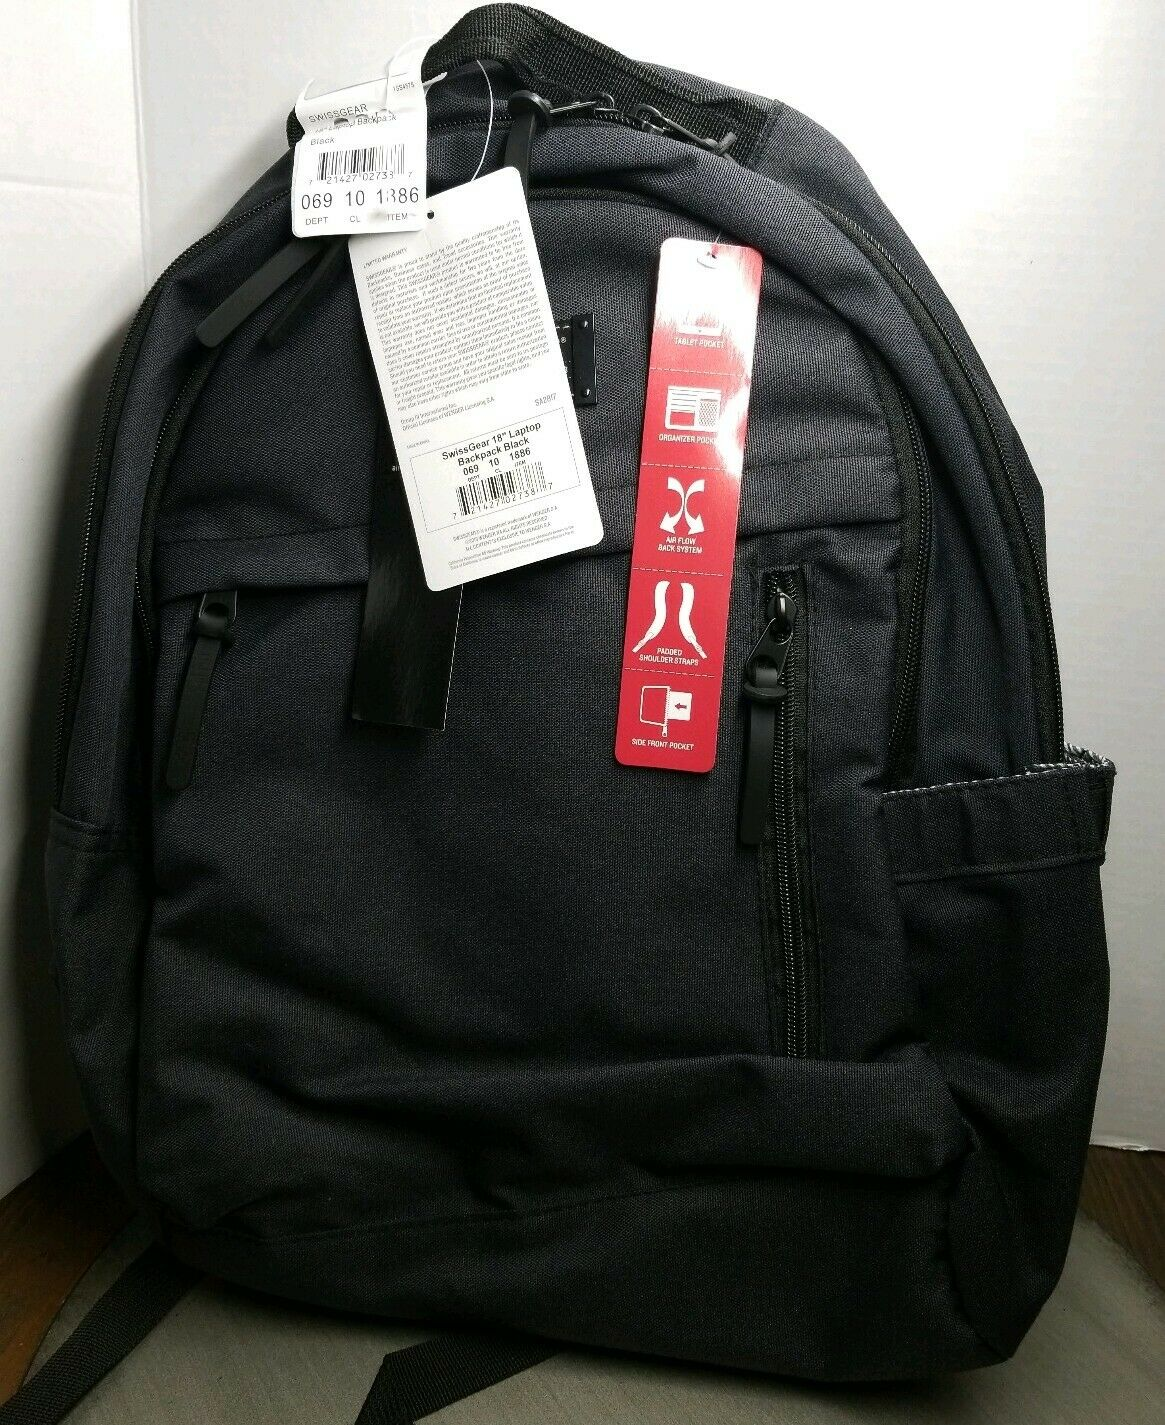 Air Flow Backpack; Swissgear Daypack Padded Shoulder Straps.Tablet Pocket Details about  /SALE